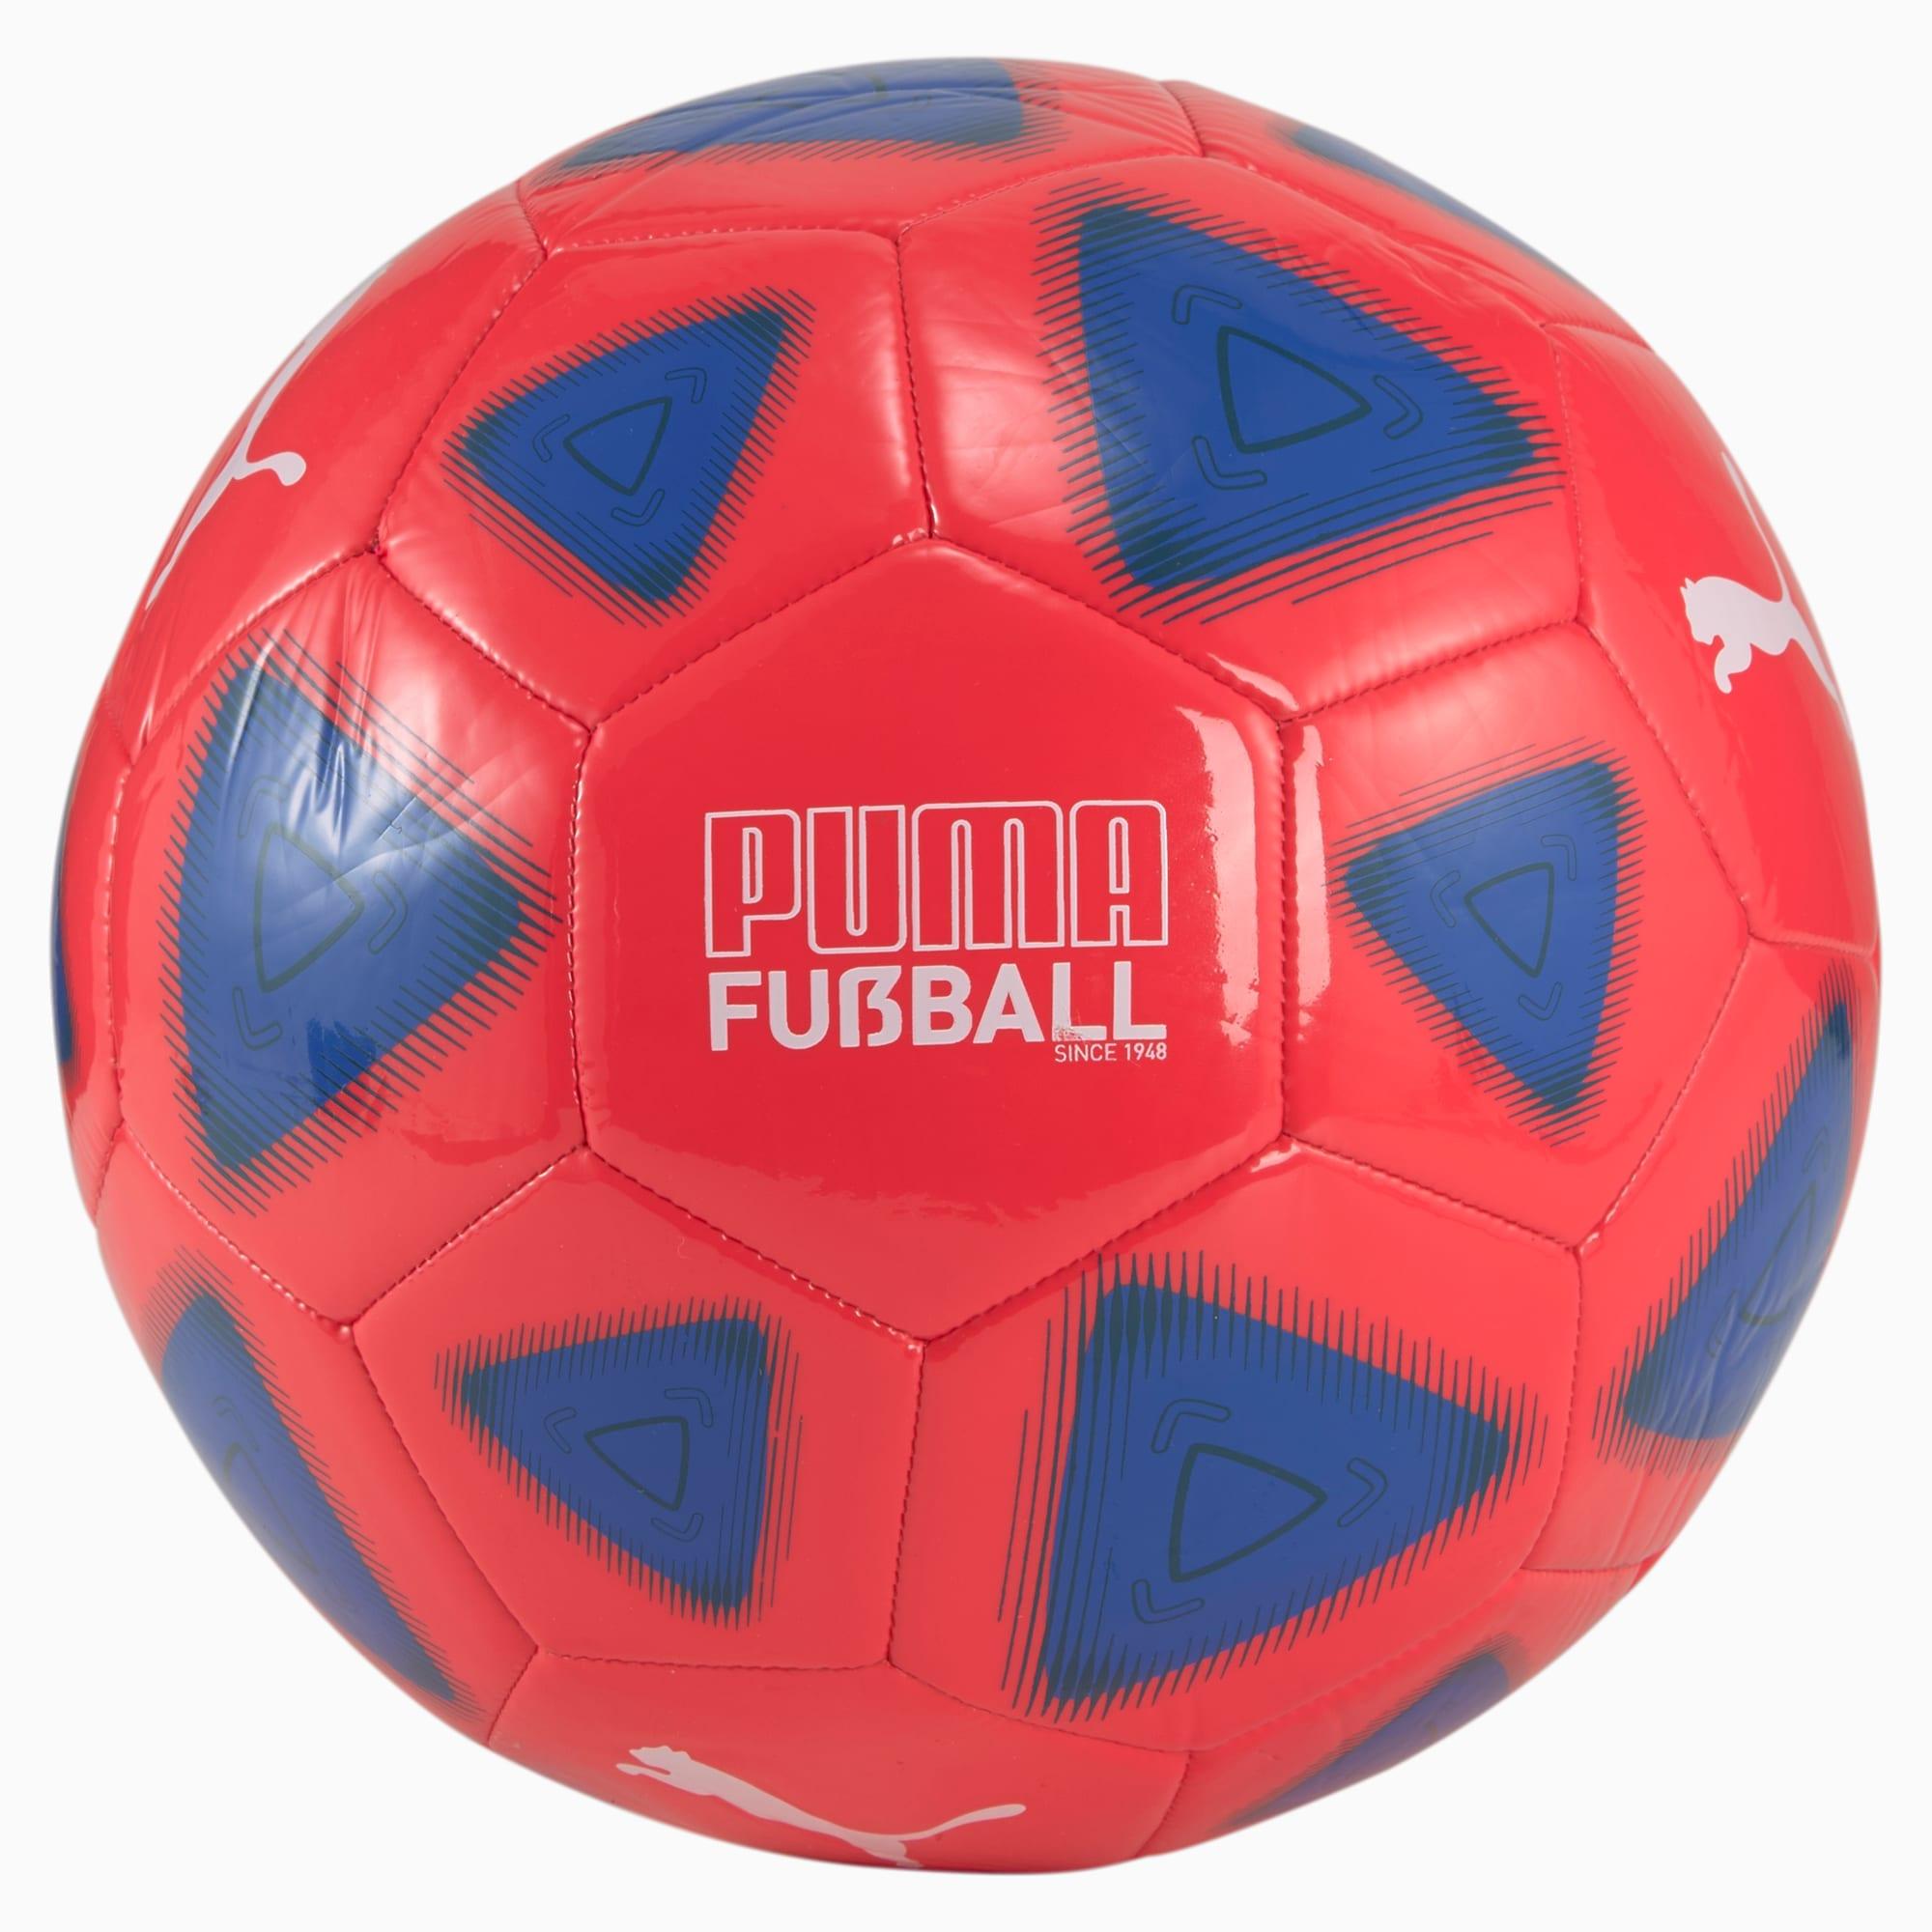 Pallone da calcio FUßBALL Prestige, Blu/Nero, Taglia 3   PUMA